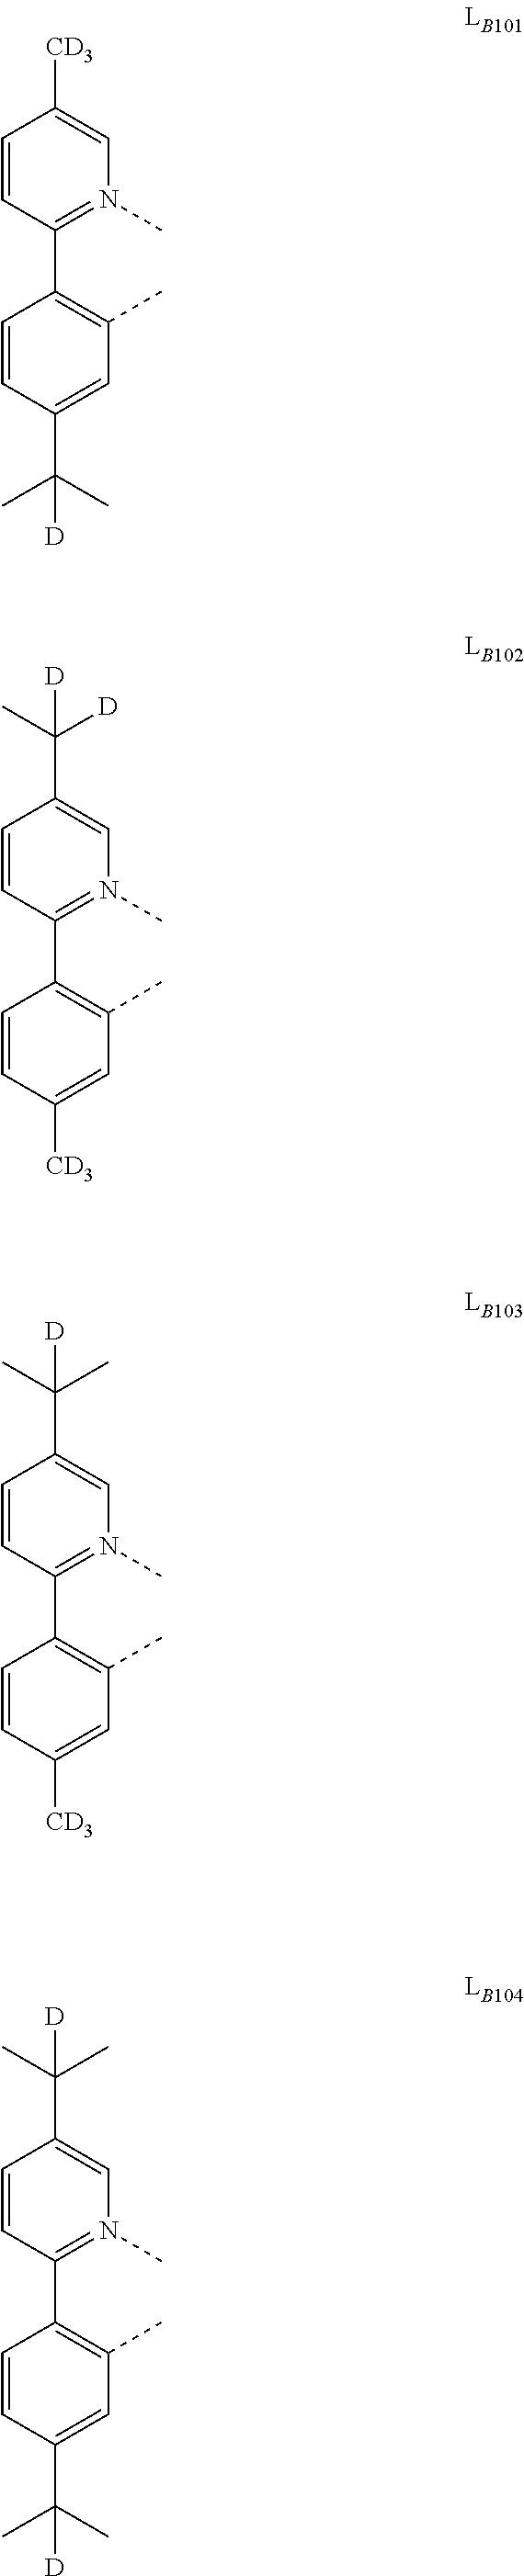 Figure US09929360-20180327-C00057